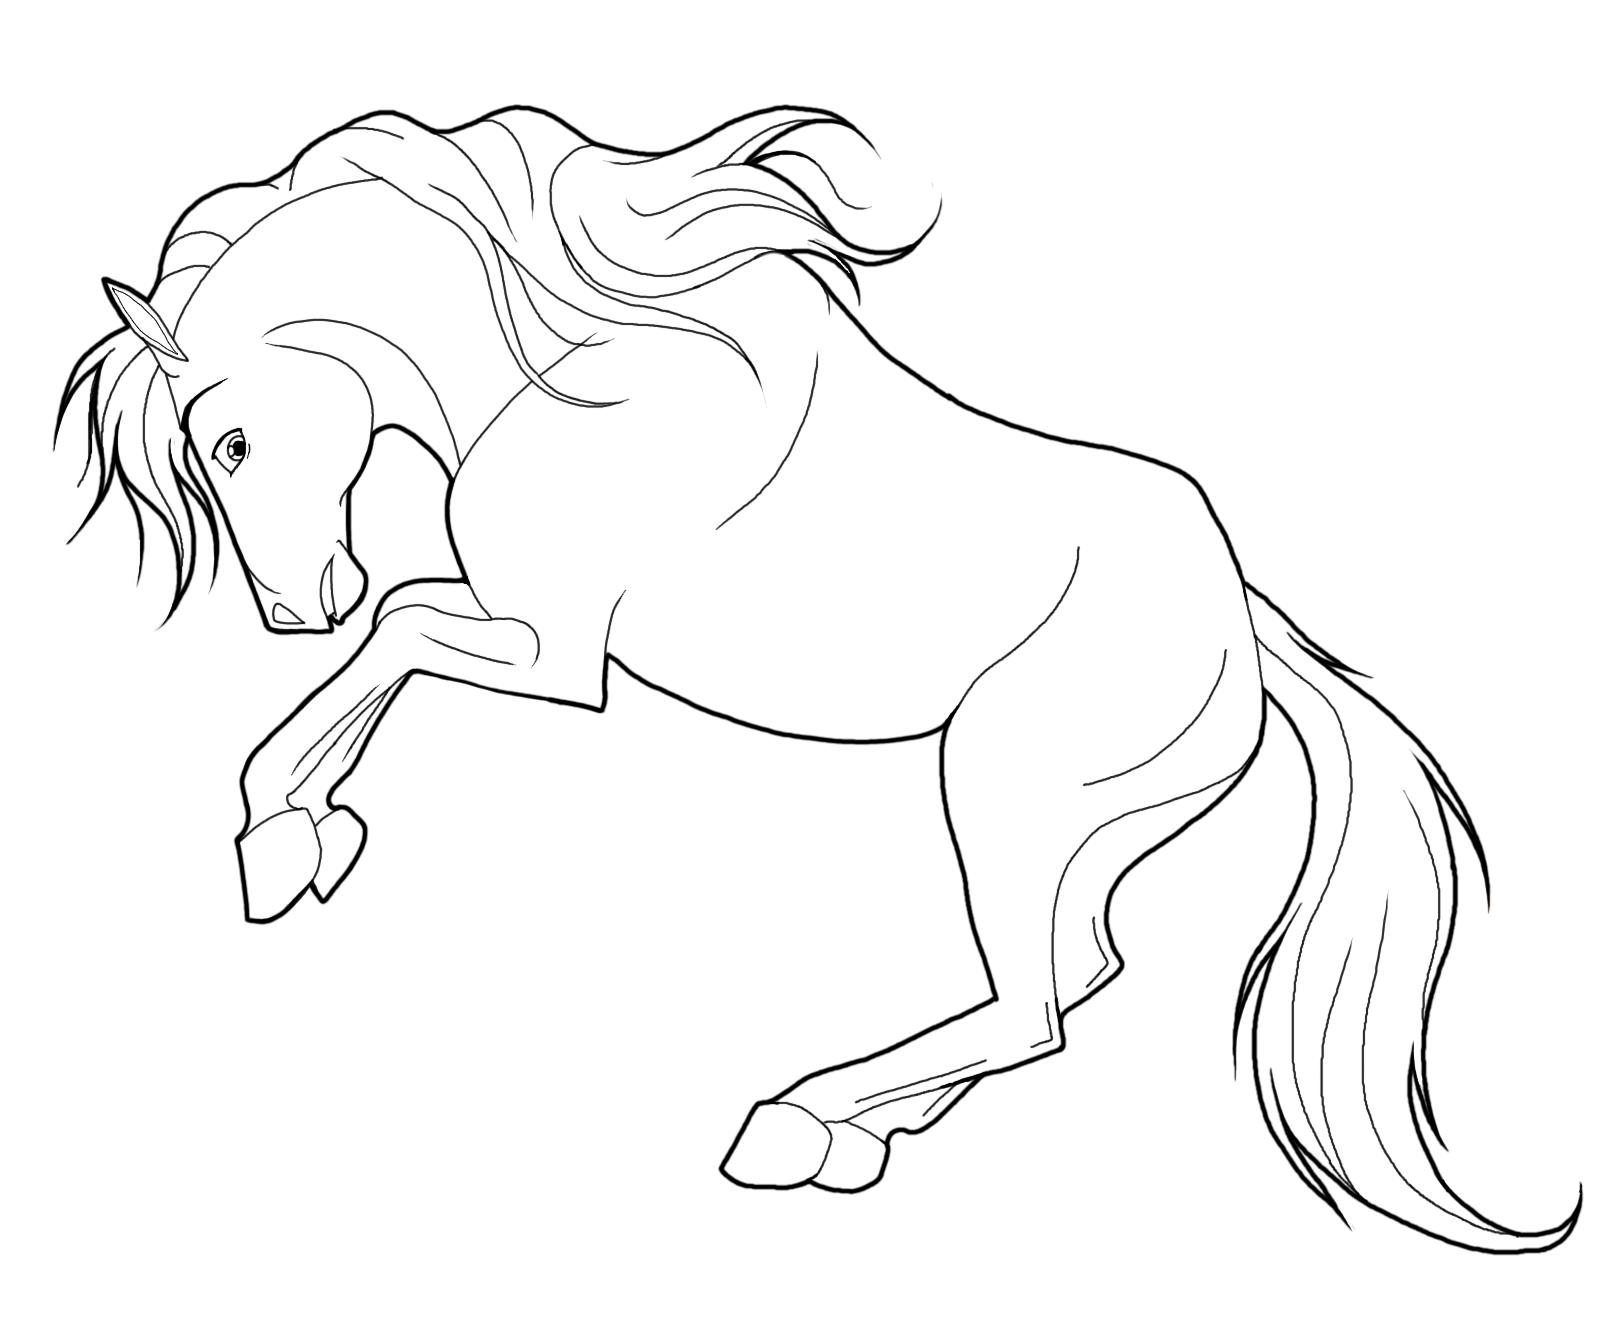 Desene Cu Cai Căutare Google Horse Coloring Pages Horse Coloring Horse Coloring Books